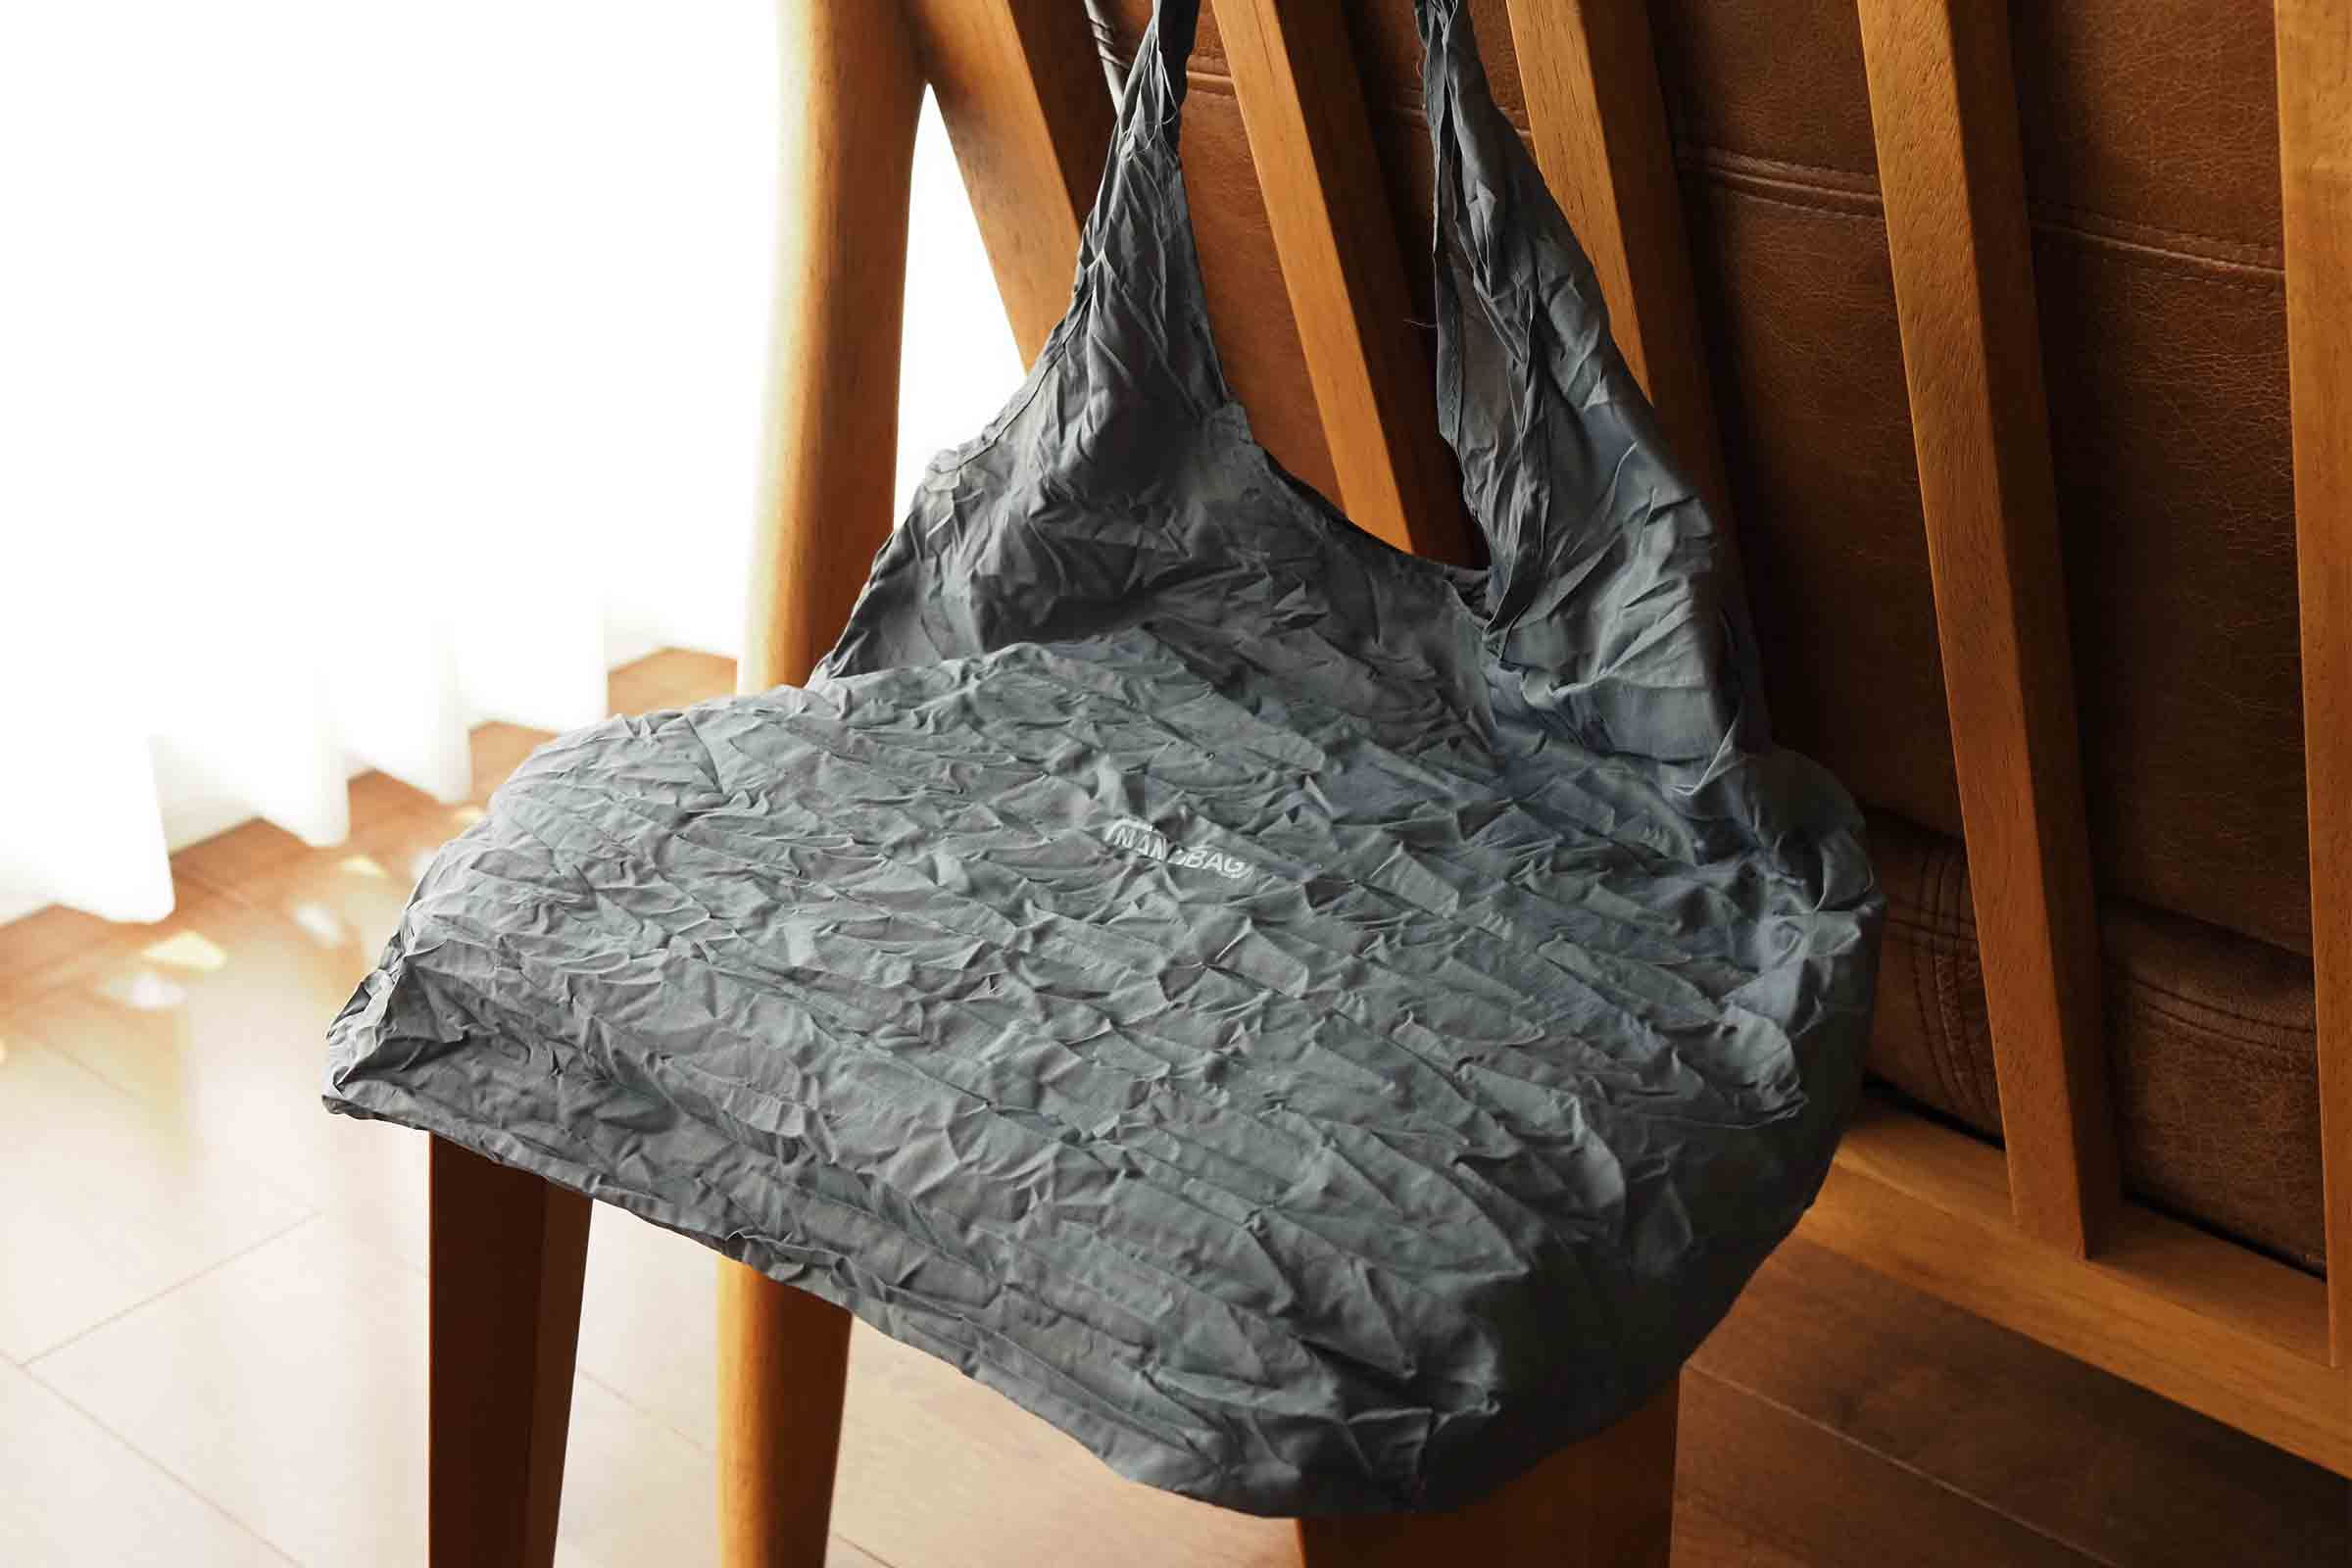 エコバッグ,nano bag,小さい,コンパクト,軽い,お洒落,コスパ